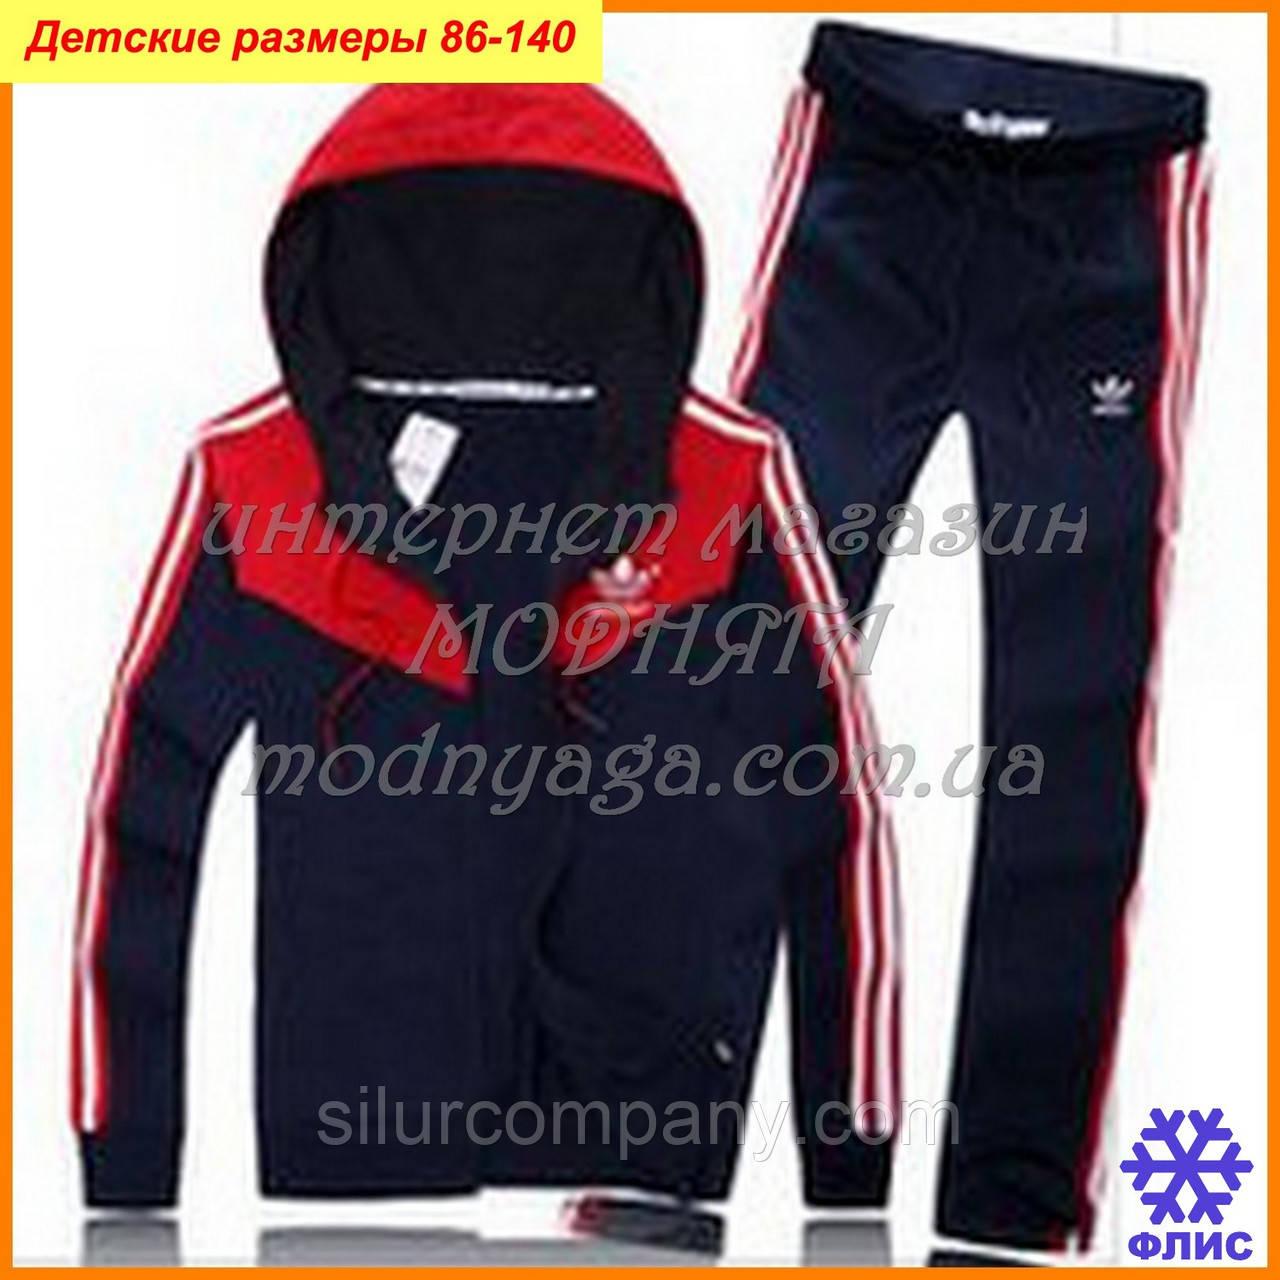 0f38e97a16c833 Утепленный Спортивный костюм адидас для подростка: продажа, цена в ...